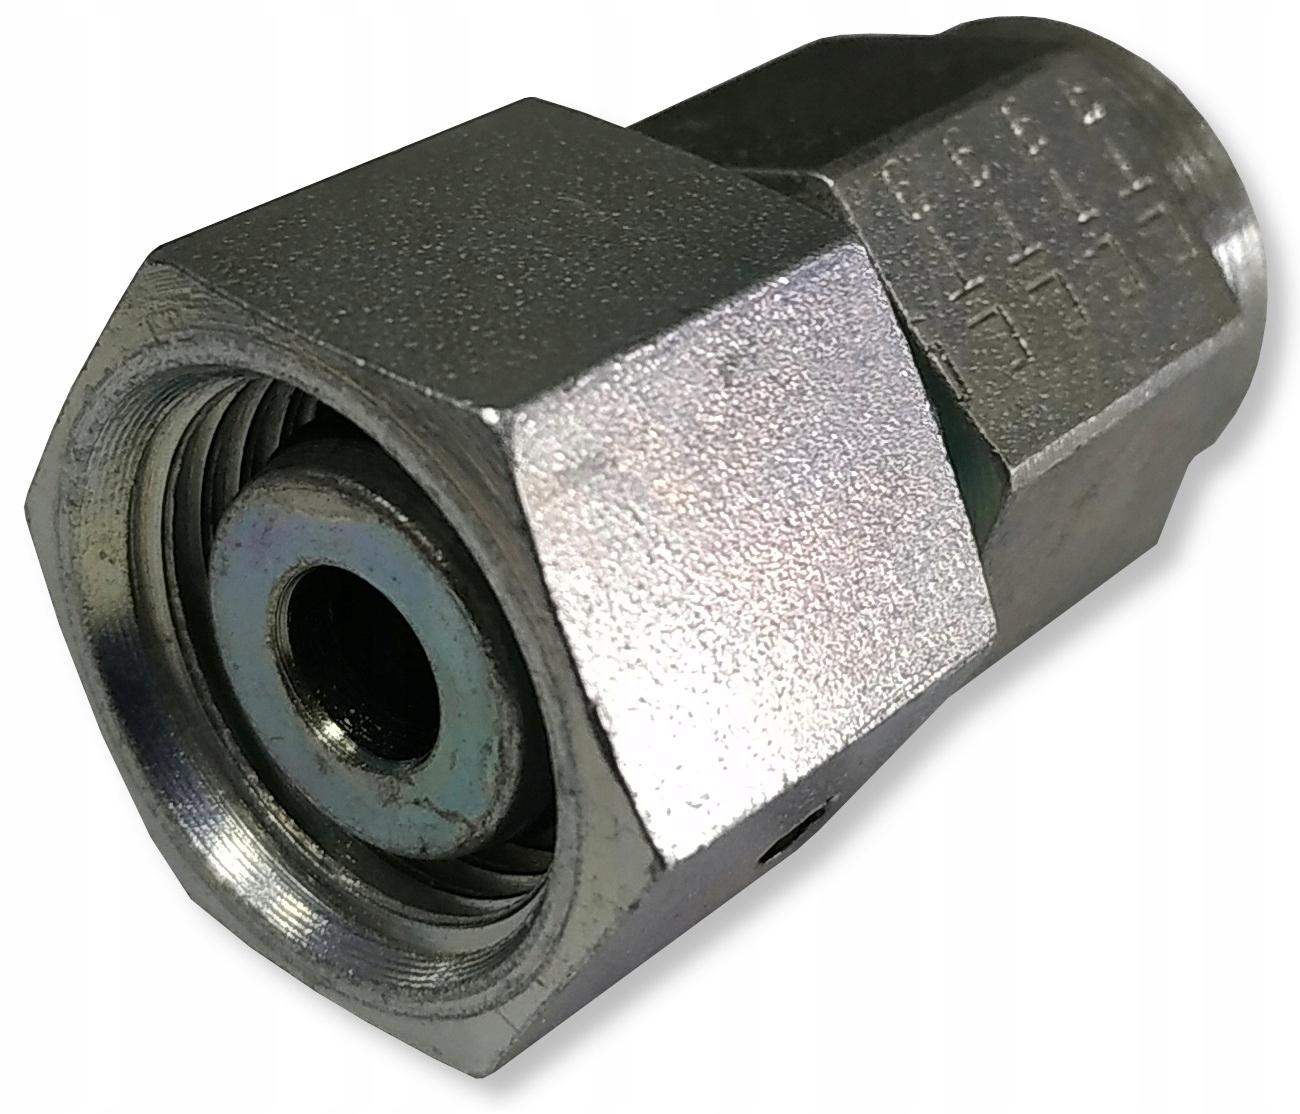 СОЕДИНИТЕЛЬНЫЙ МАНОМЕТР СОЕДИНЕНИЕ 63 мм GW 1/4 - M18x1,5